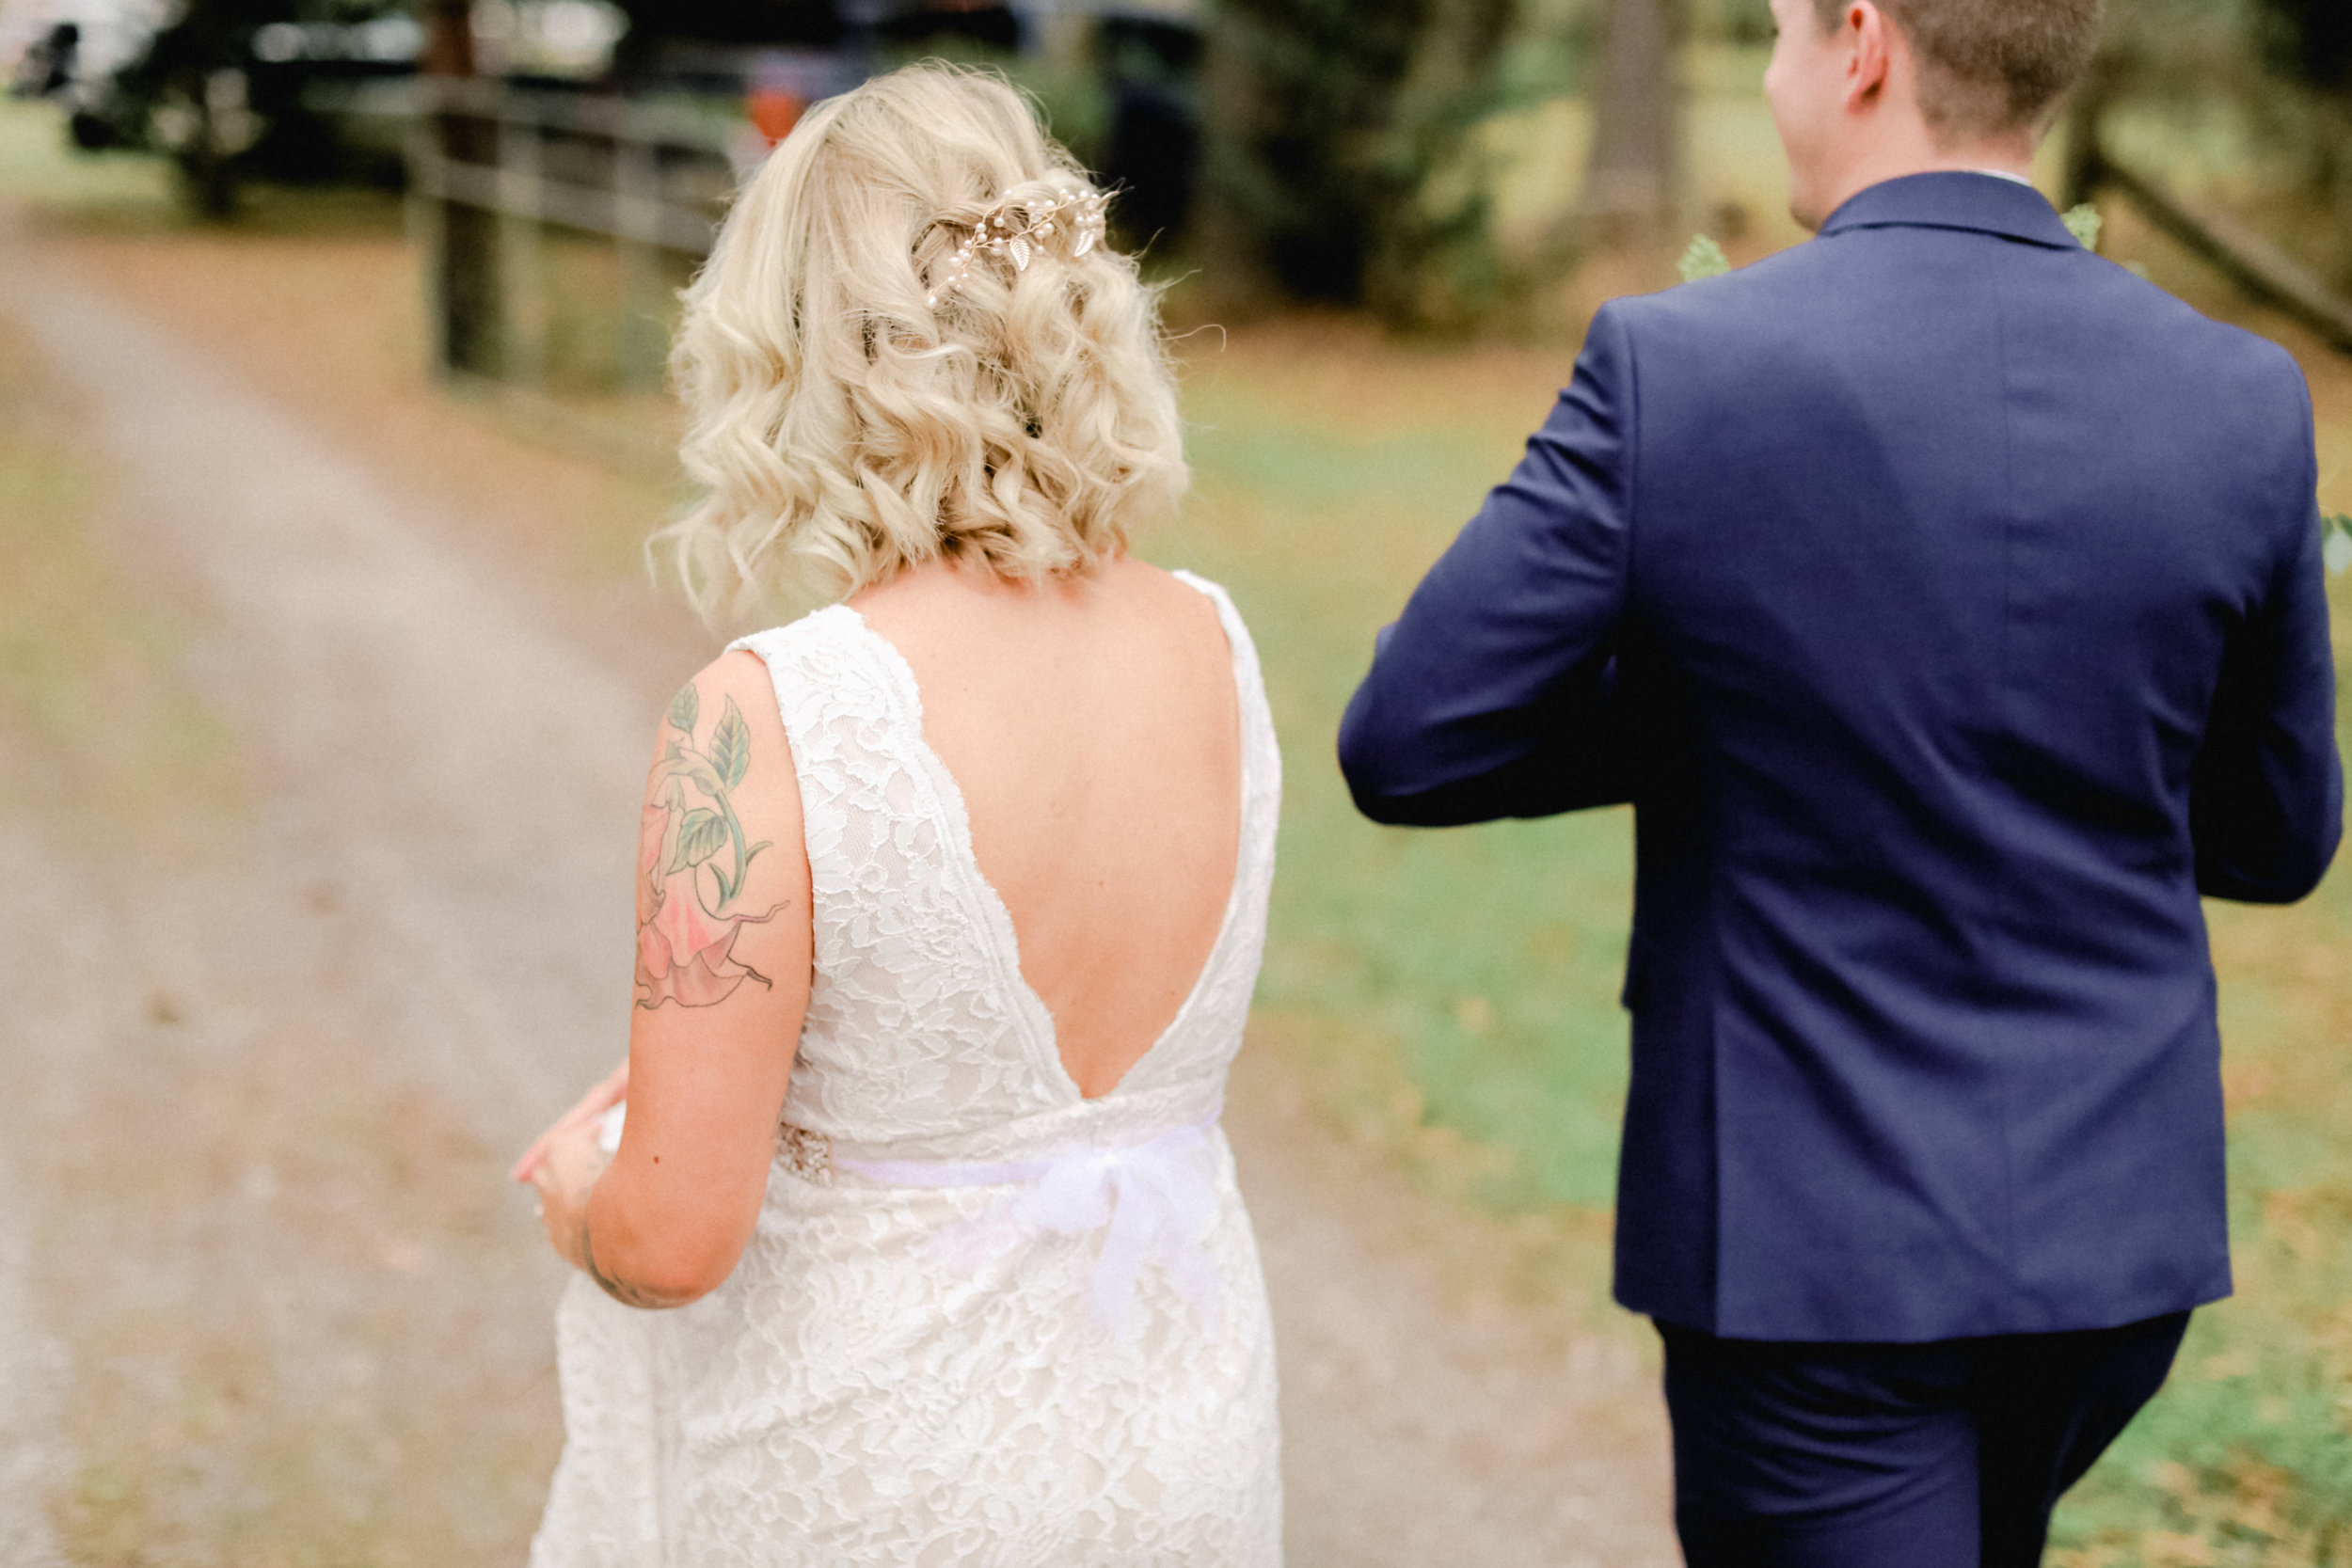 sara_kyle_married_newlywed_finals_2019-195.jpg